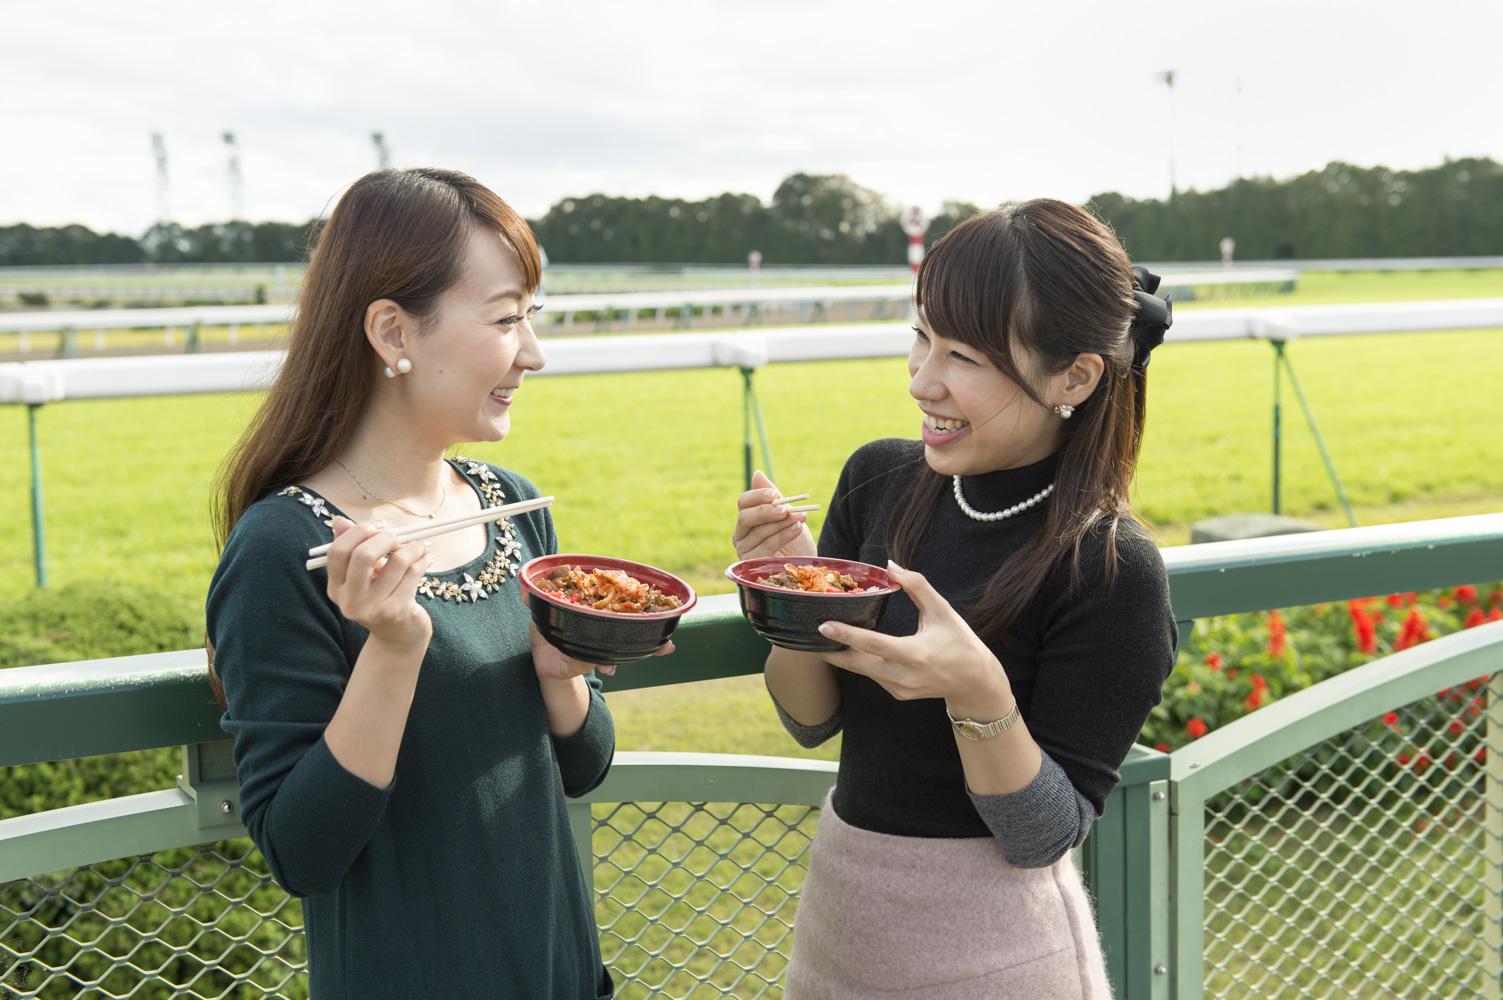 やっぱり競馬場で食べるごはんはおいしい!